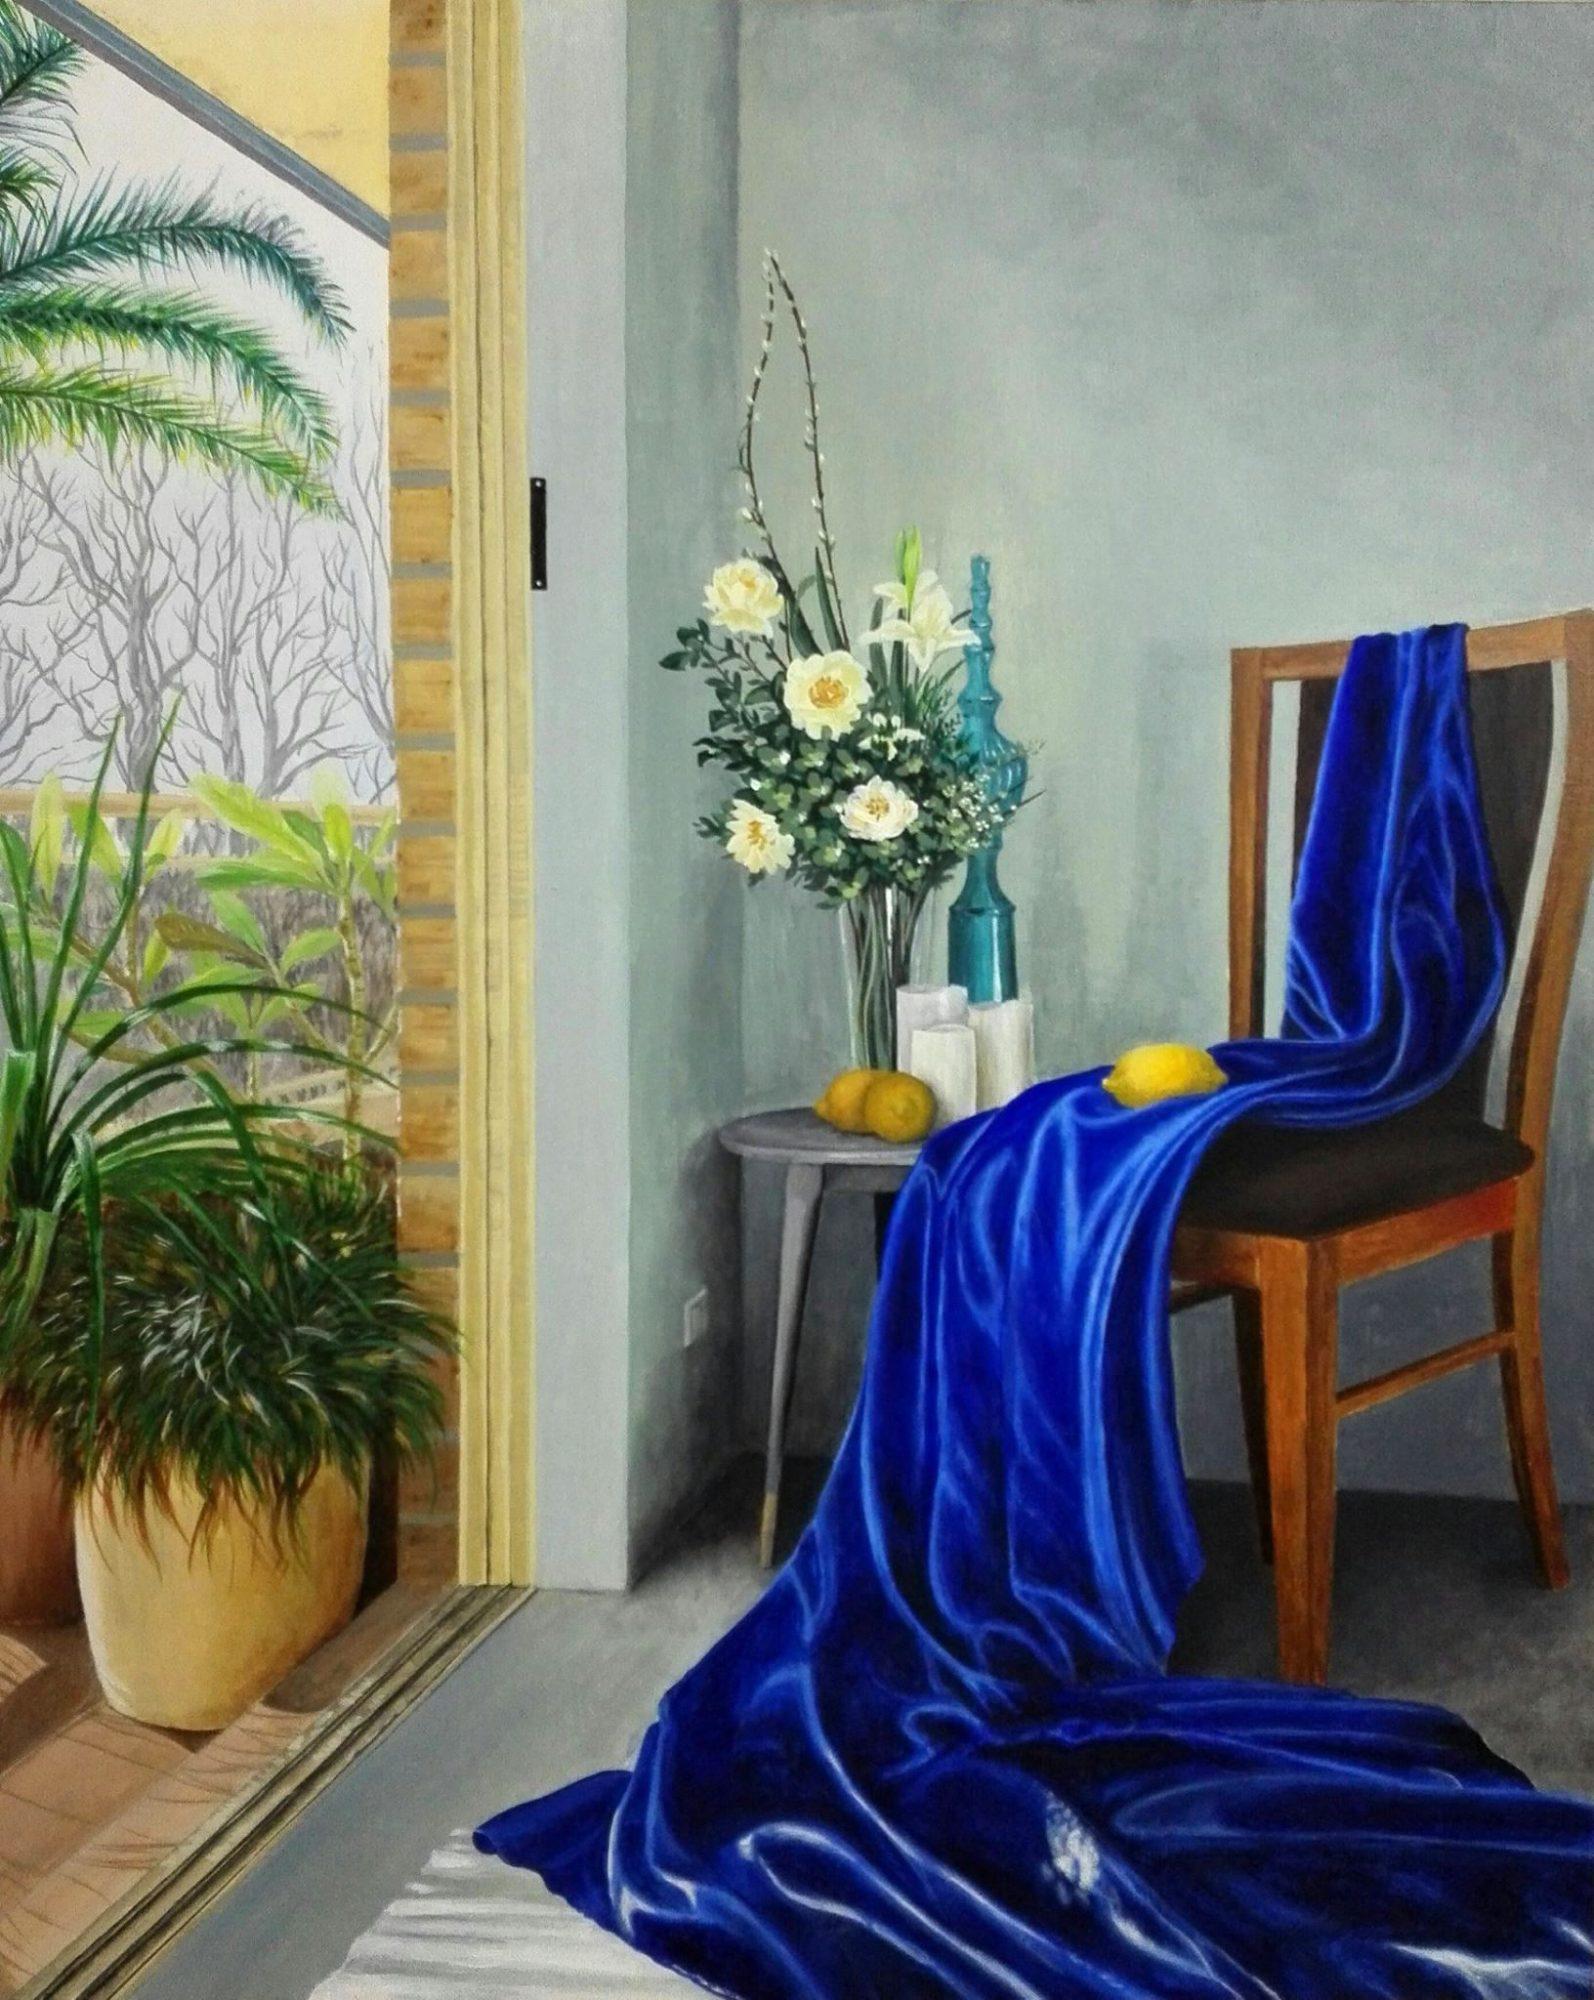 chair-blue-drape